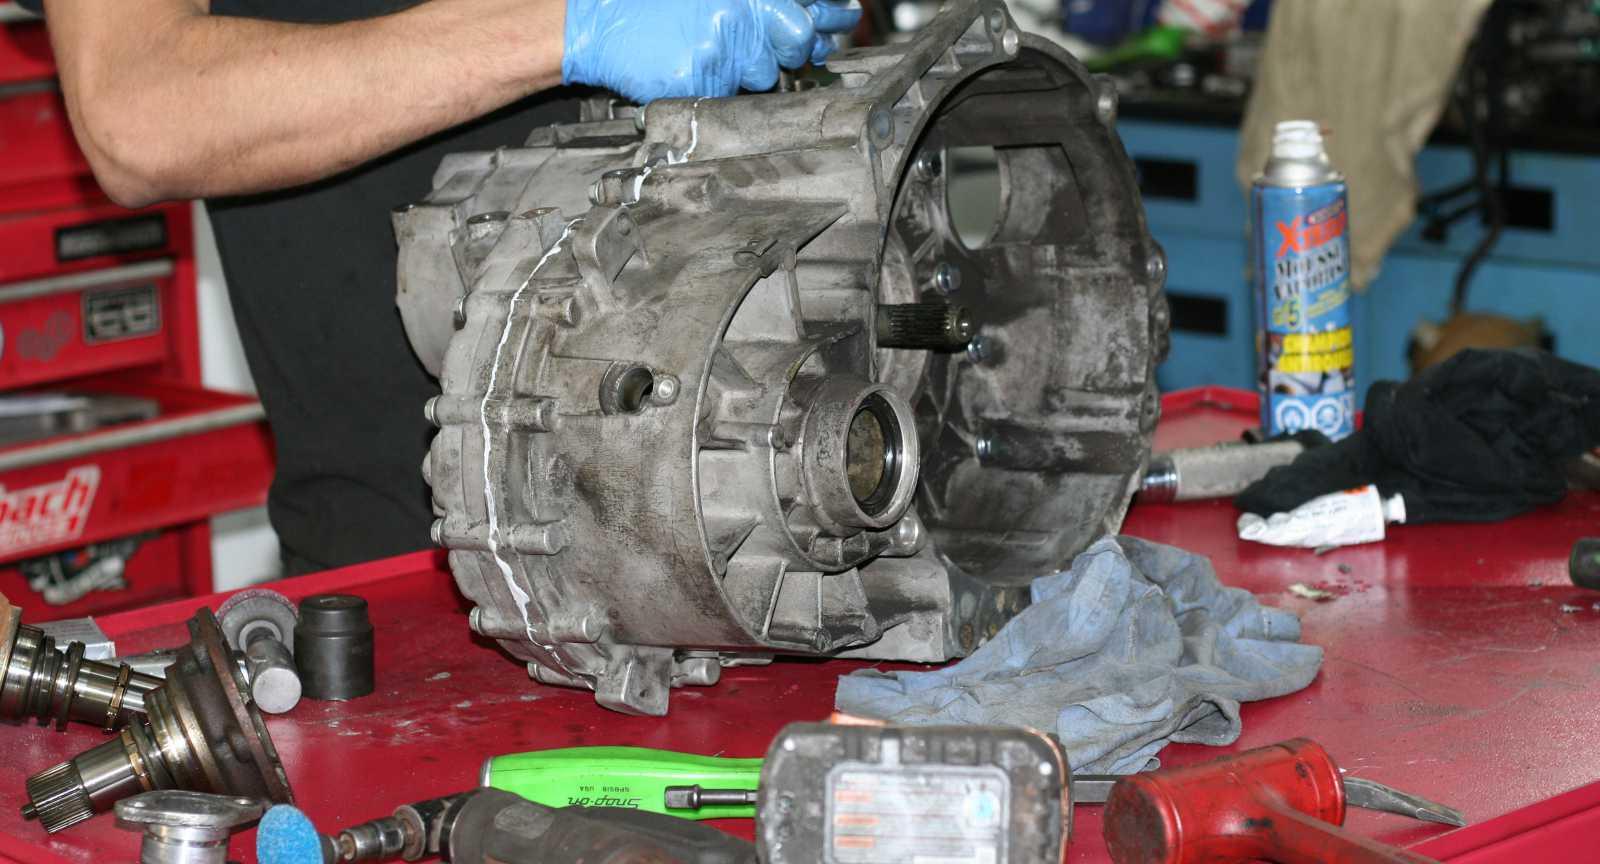 02M/02Q shift fork upgrade - OttoStadt MotorWerks